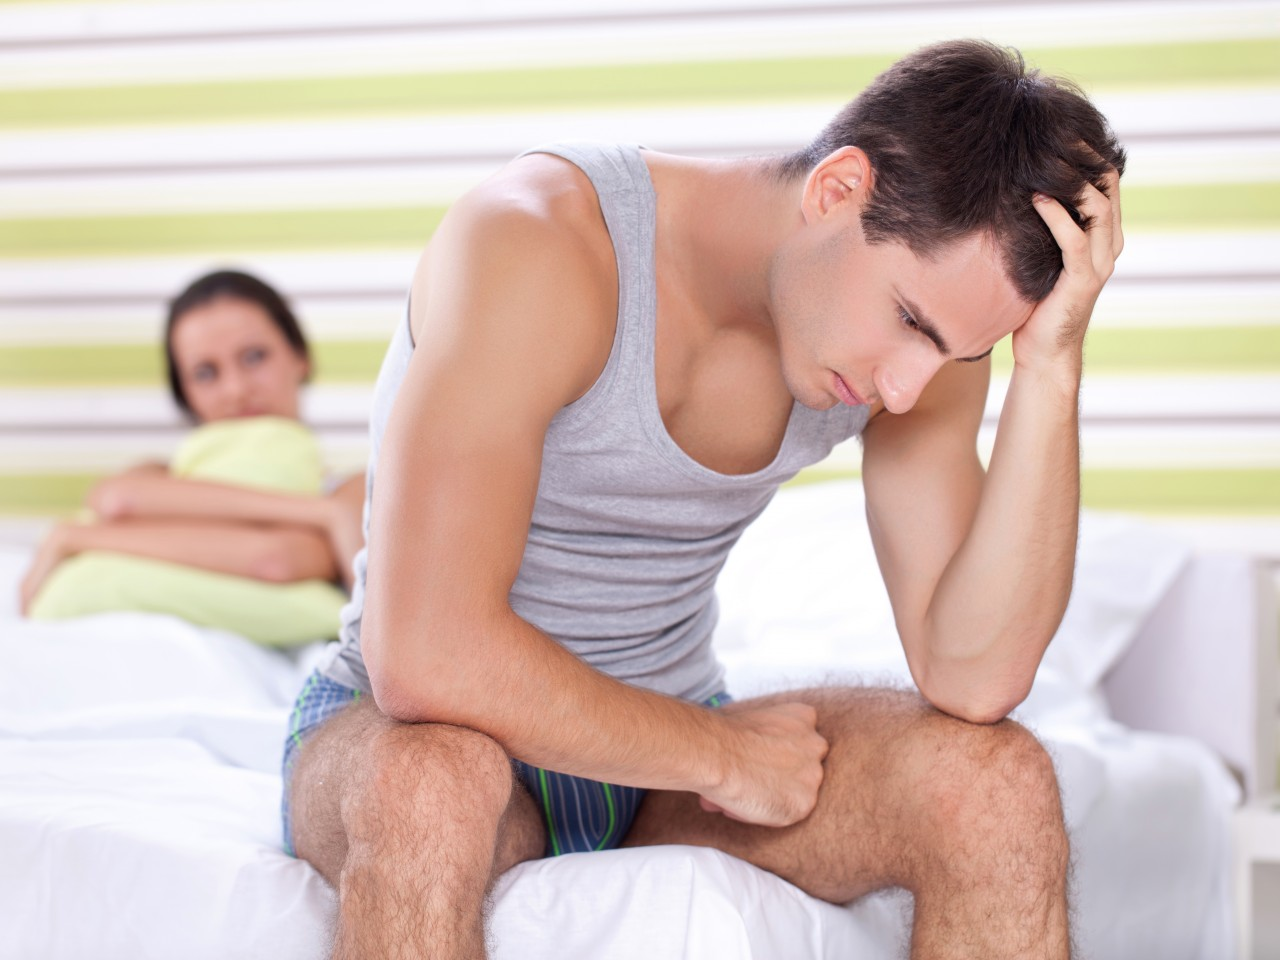 მამაკაცური პრობლემები ორგაზმის დროს